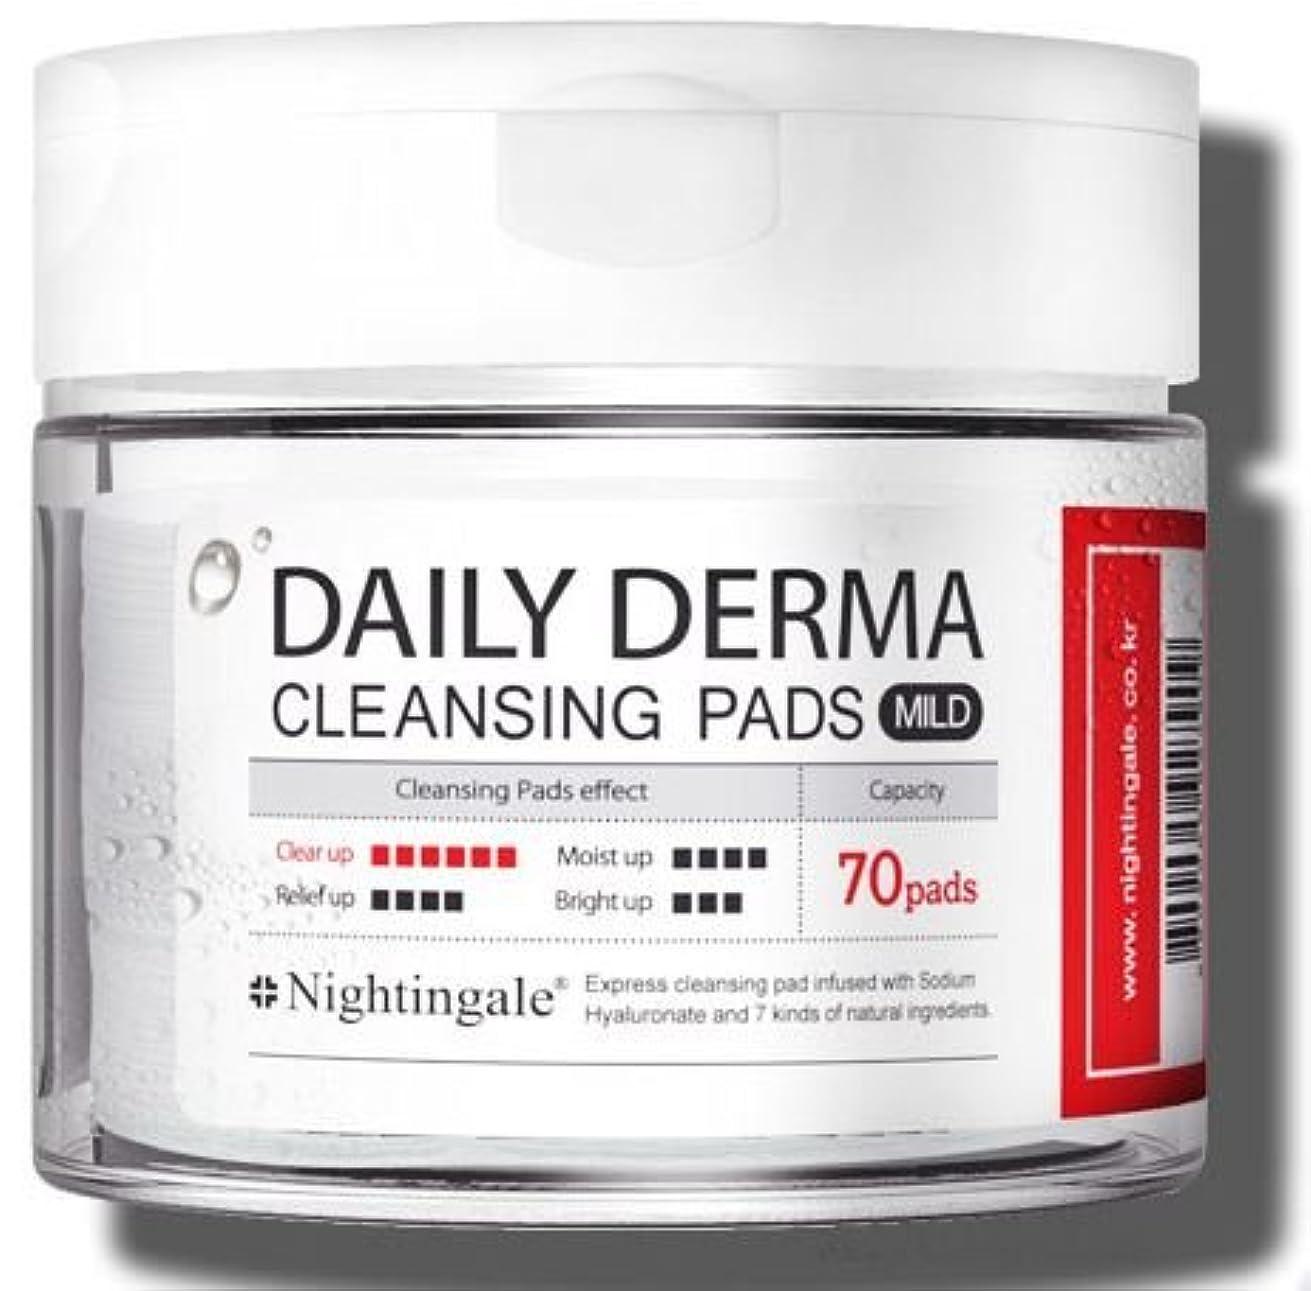 いっぱい激しい枢機卿Nightingale Daily Derma Cleansing Pads * Mild * 70pads/ナイチンゲール デイリー ダーマ クレンジング パッド * マイルド * 70枚入り [並行輸入品]